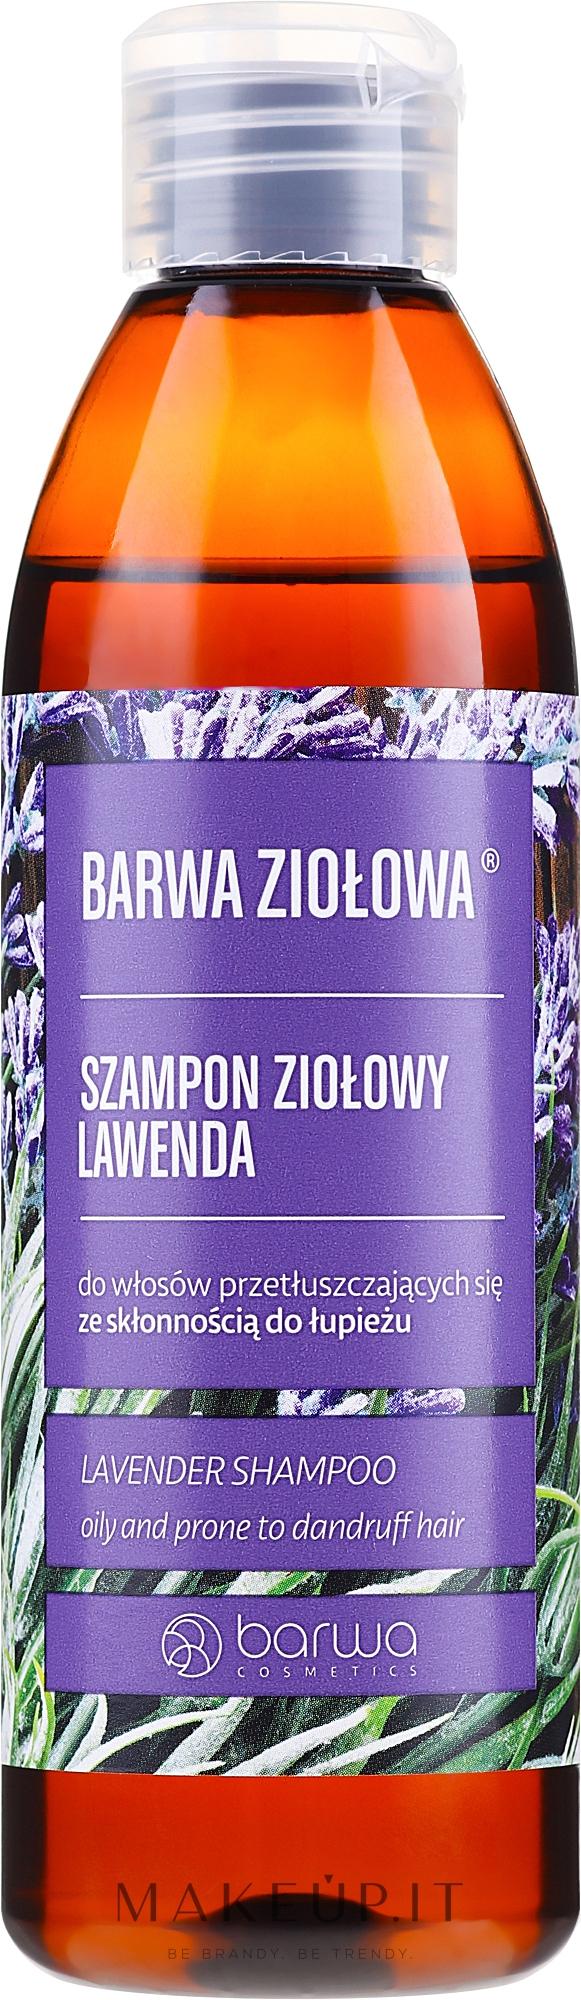 Shampoo per capelli grassi e soggetti a forfora - Barwa Herbal Lavender Shampoo — foto 250 ml